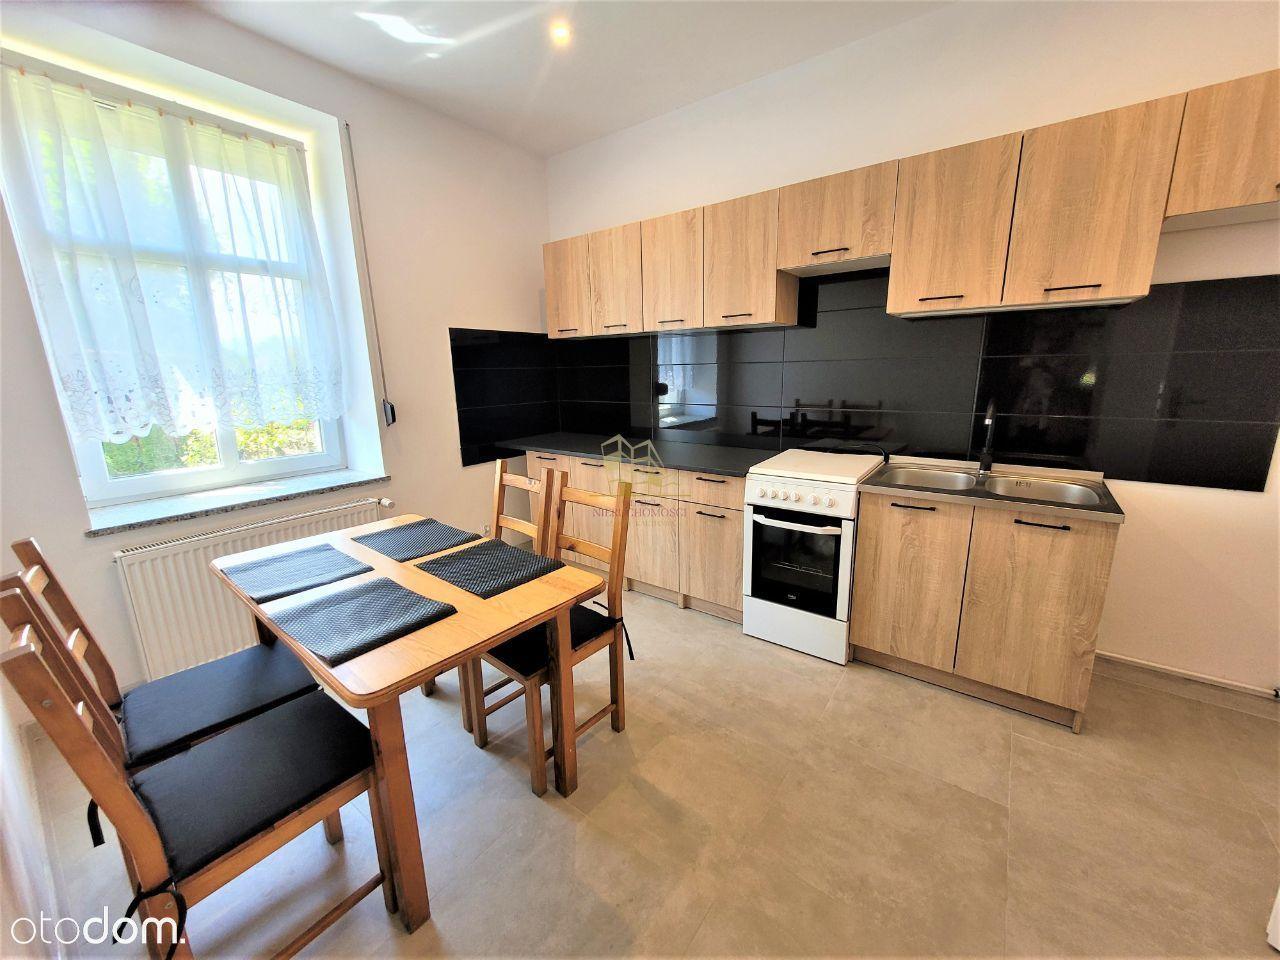 Okazja! Mieszkanie / 60 m2/ Parter !